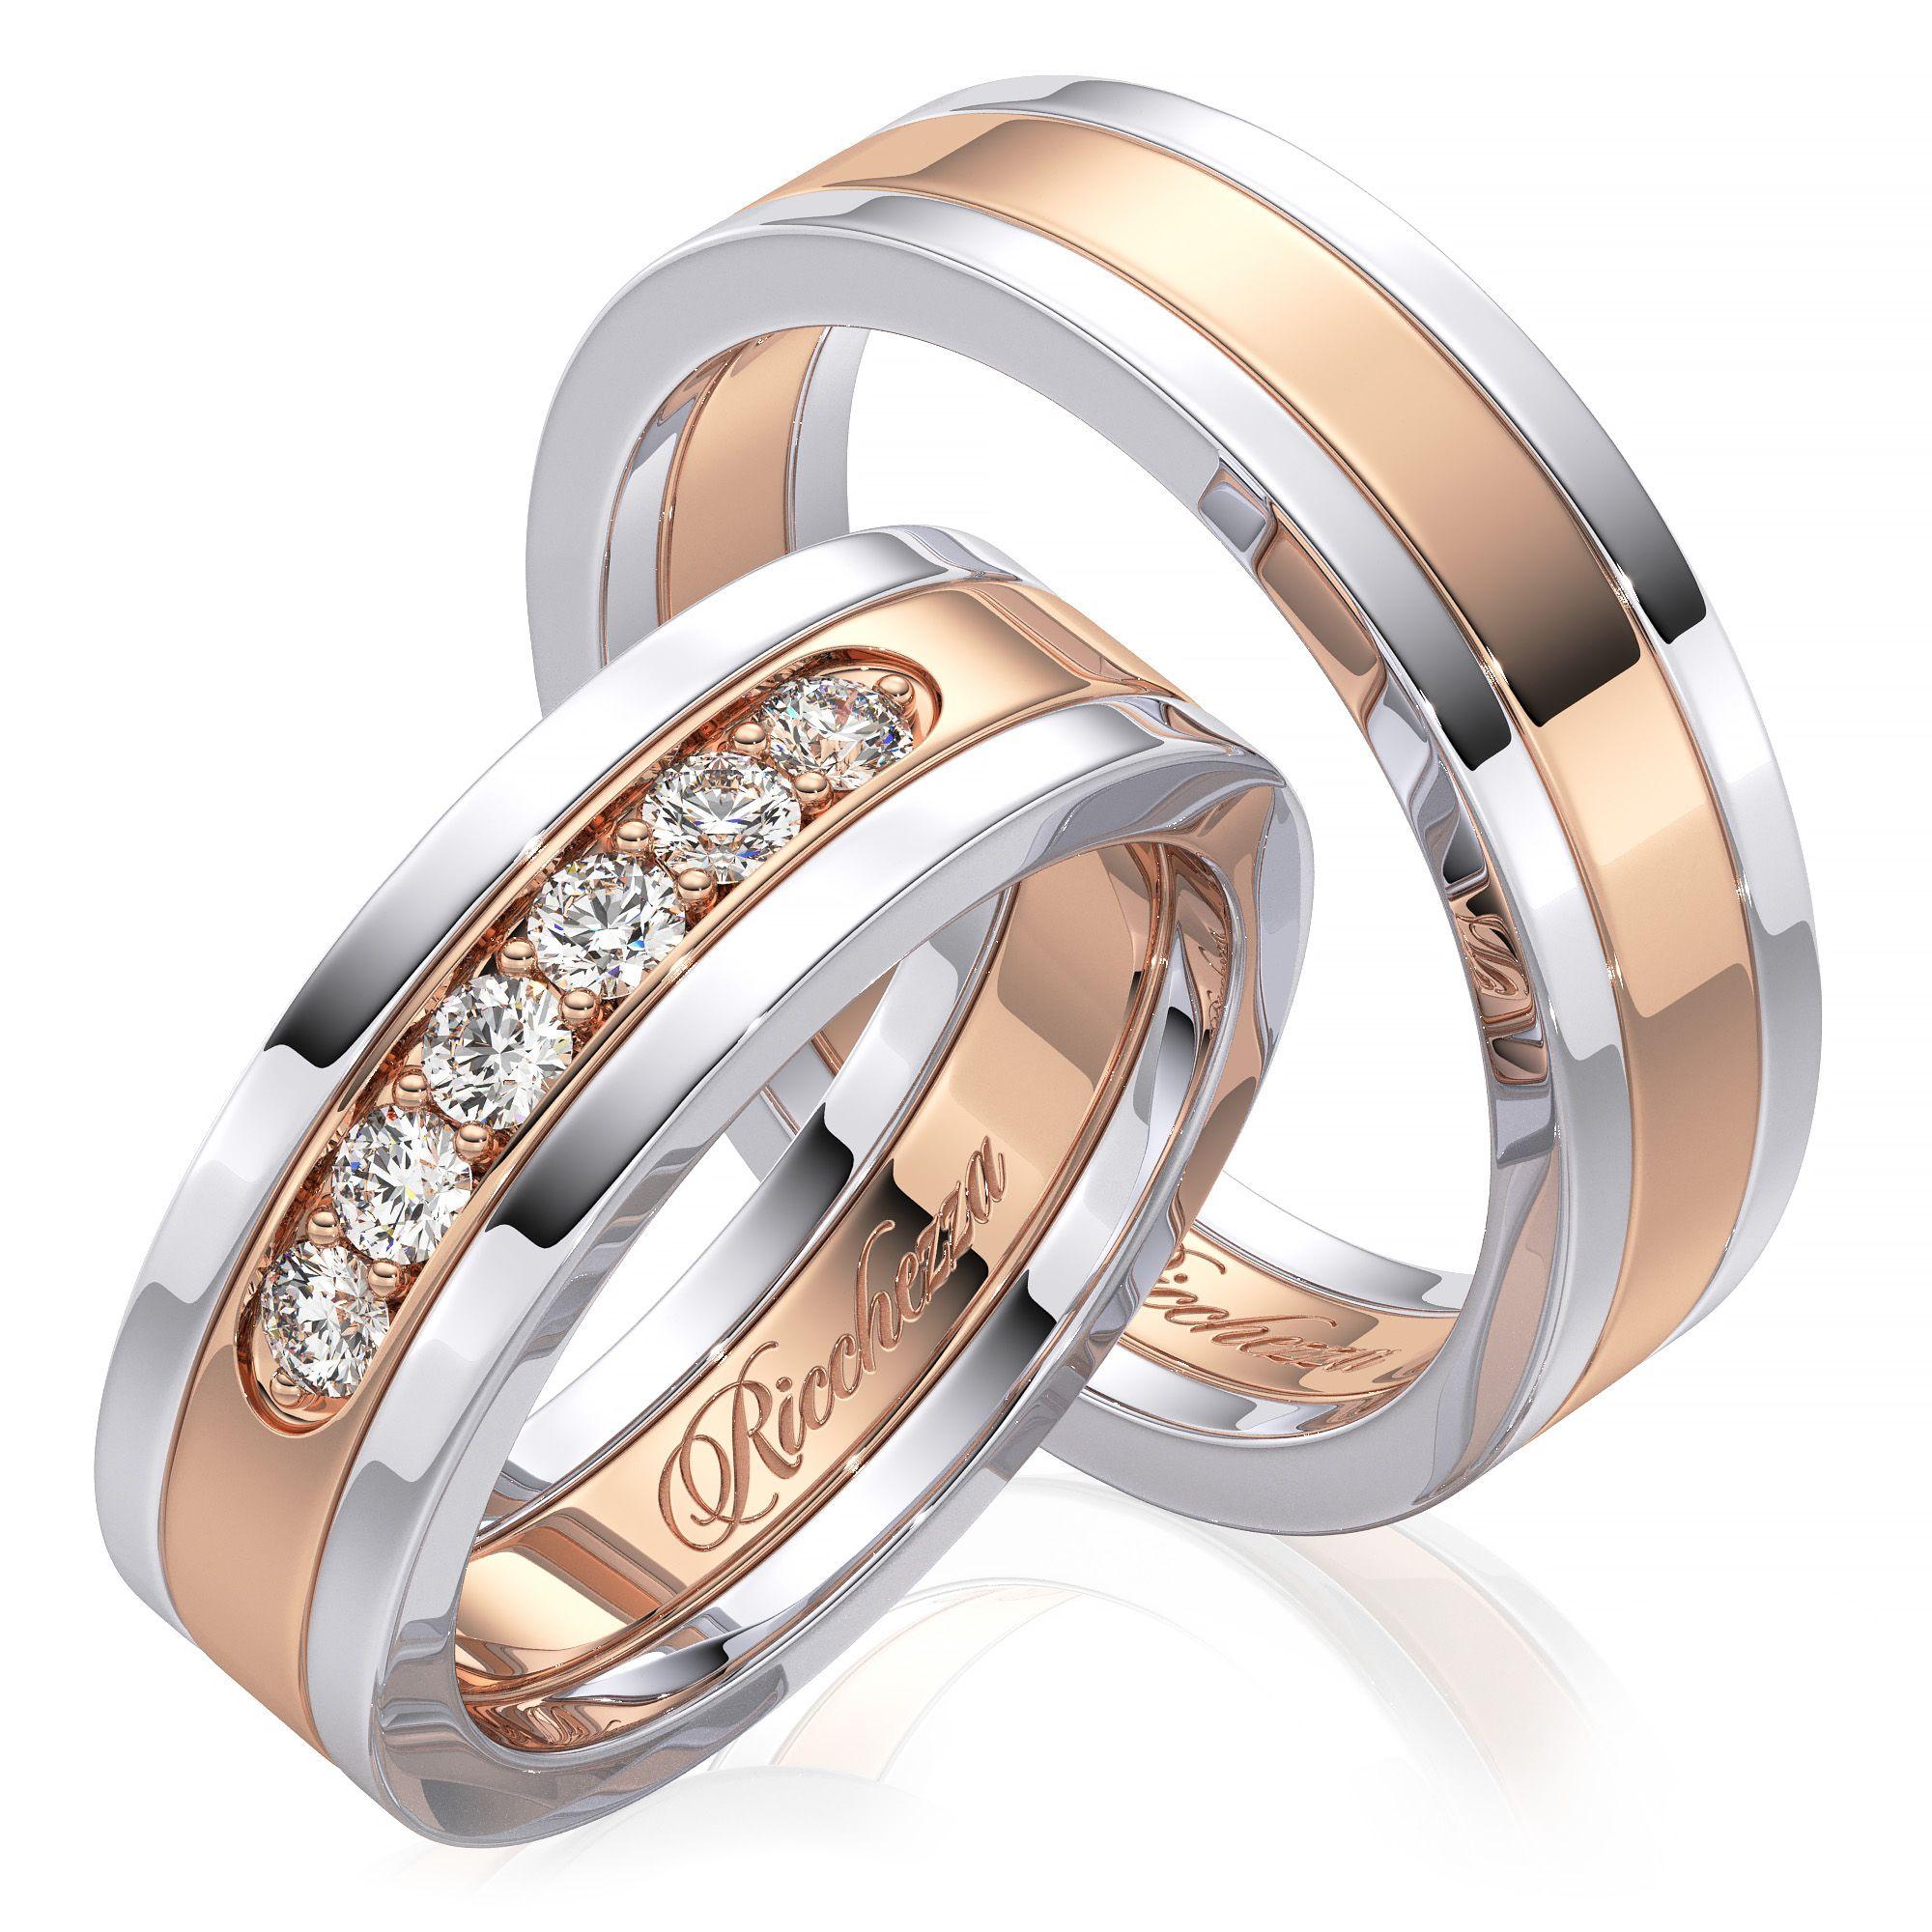 Обручальные кольца с бриллиантами - это ,безусловно, уже традиция. Кольца  украшают самым прочным 0f764e396a5